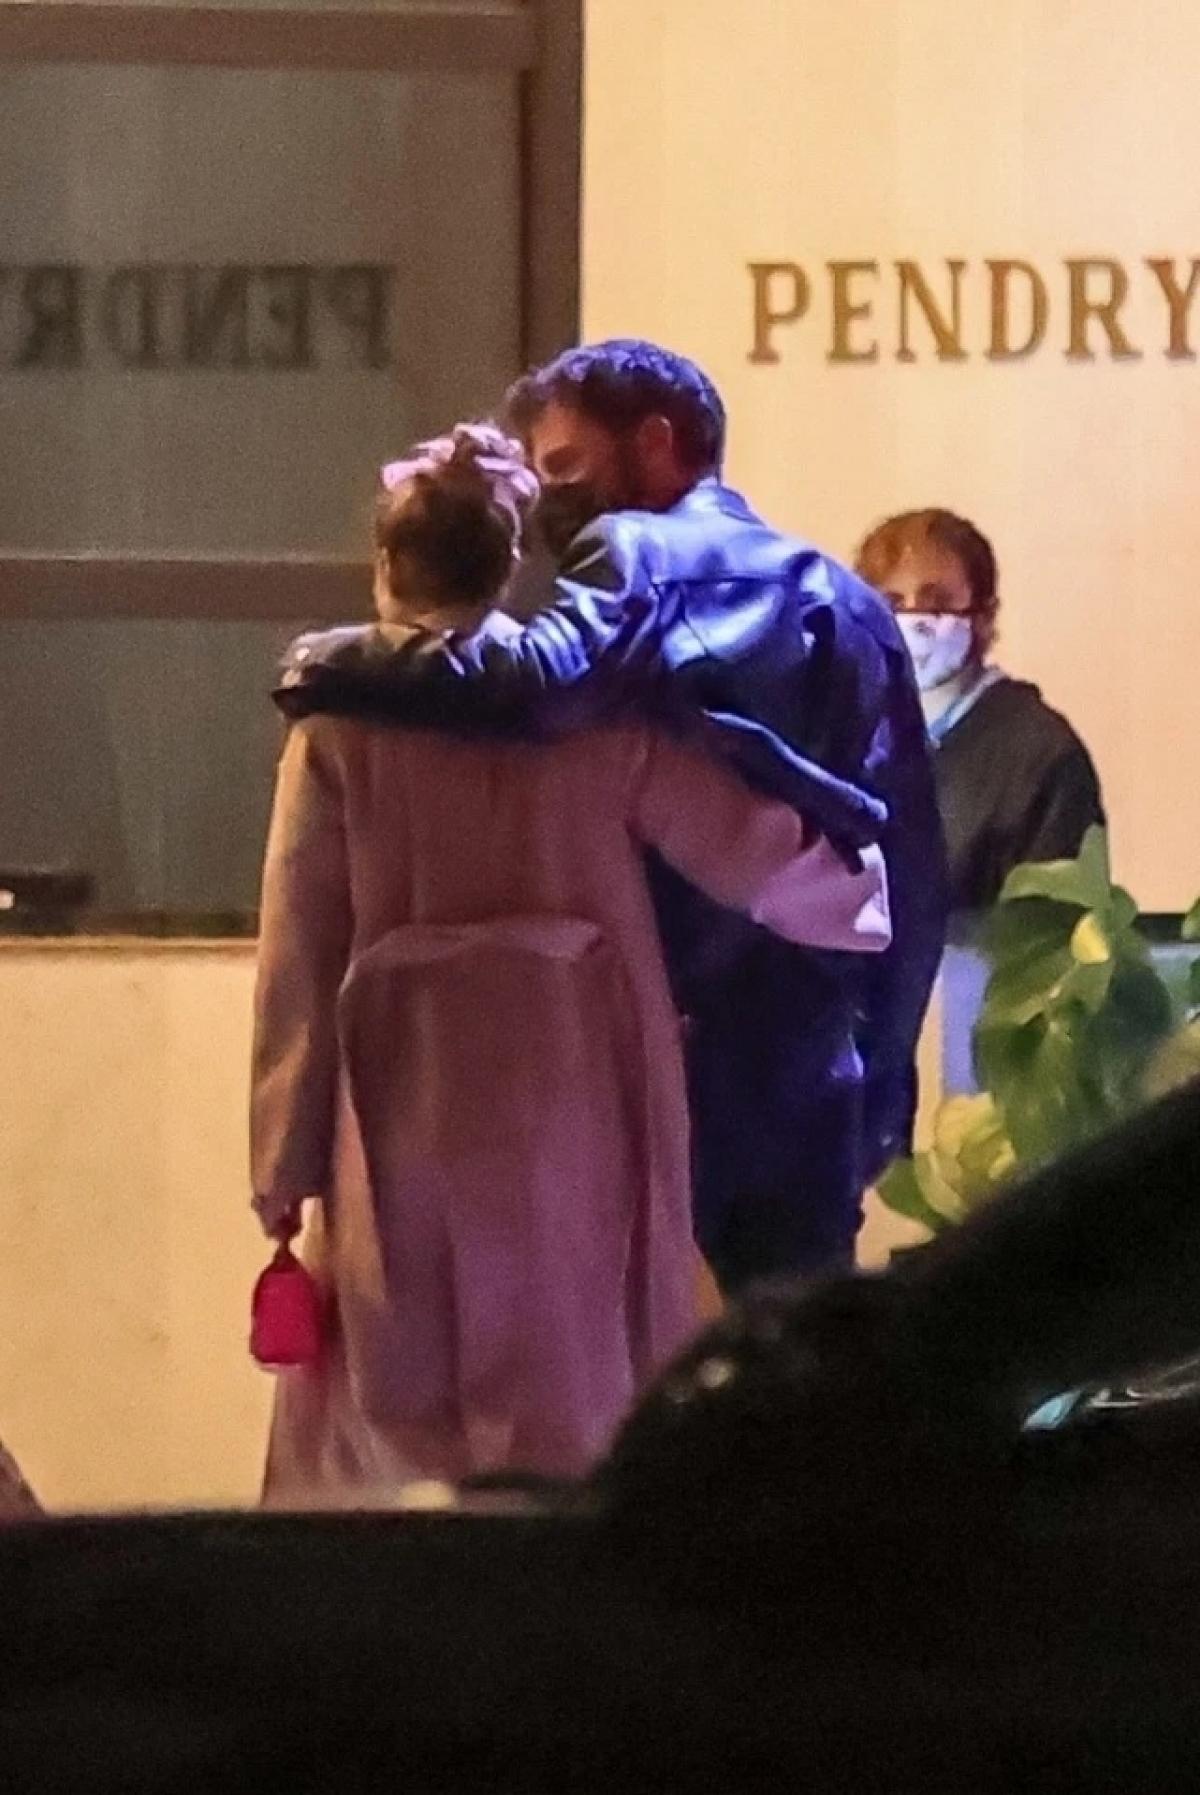 Theo nguồn tin, bạn bè xung quanh ai cũng ủng hộ cả hai quay về với nhau. Bạn bè Affleck đều yêu quý Jennifer Lopez và ngược lại.